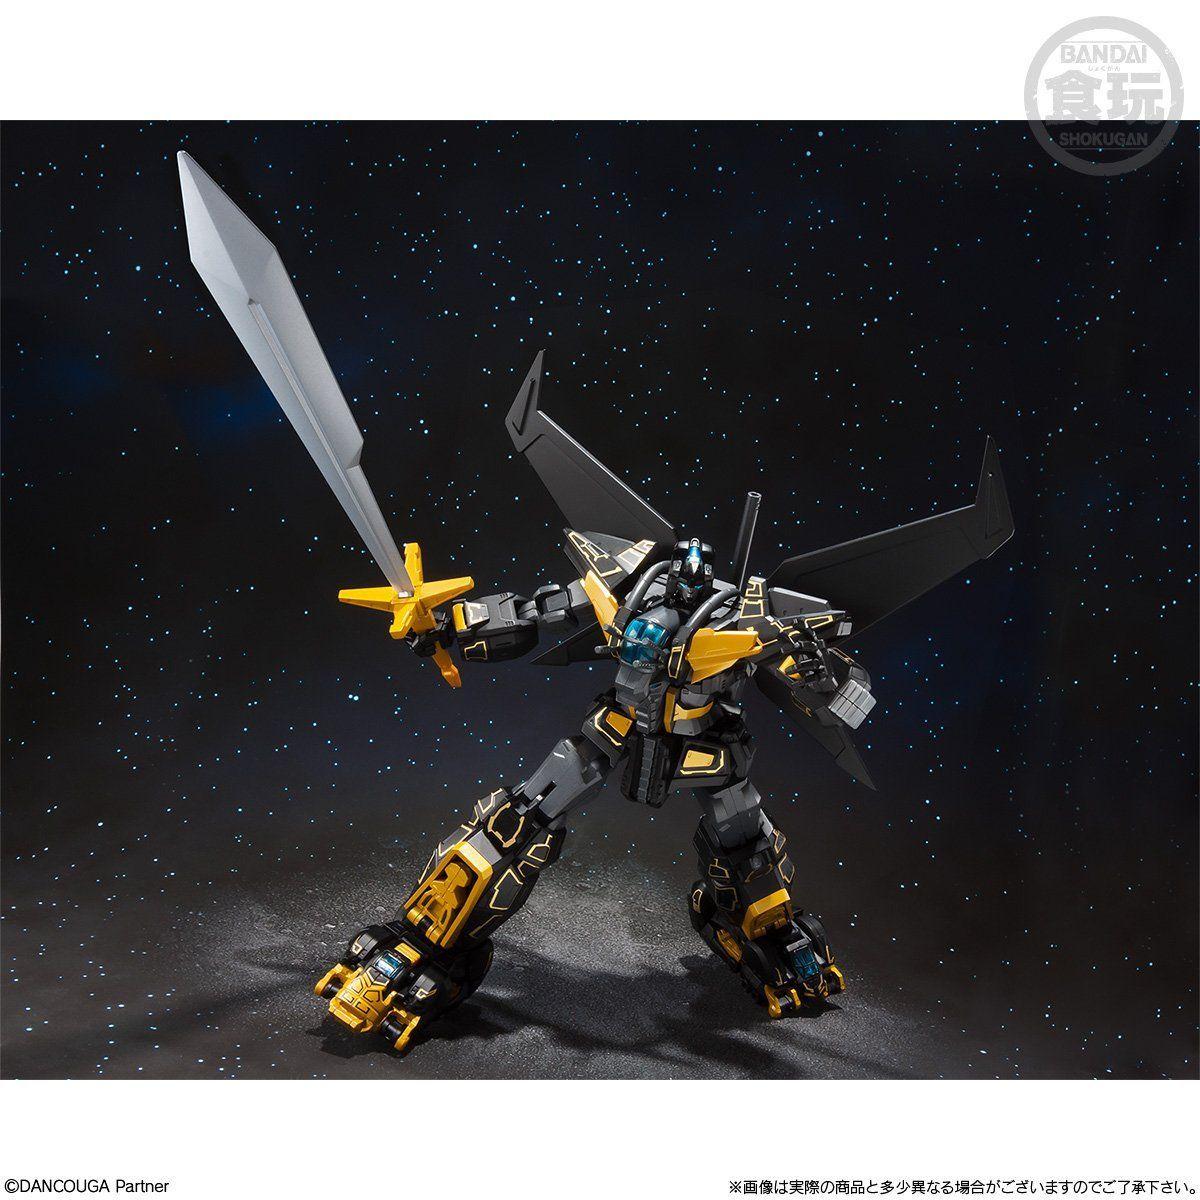 スーパーミニプラ 超獣機神ダンクーガ ブラックカラー09